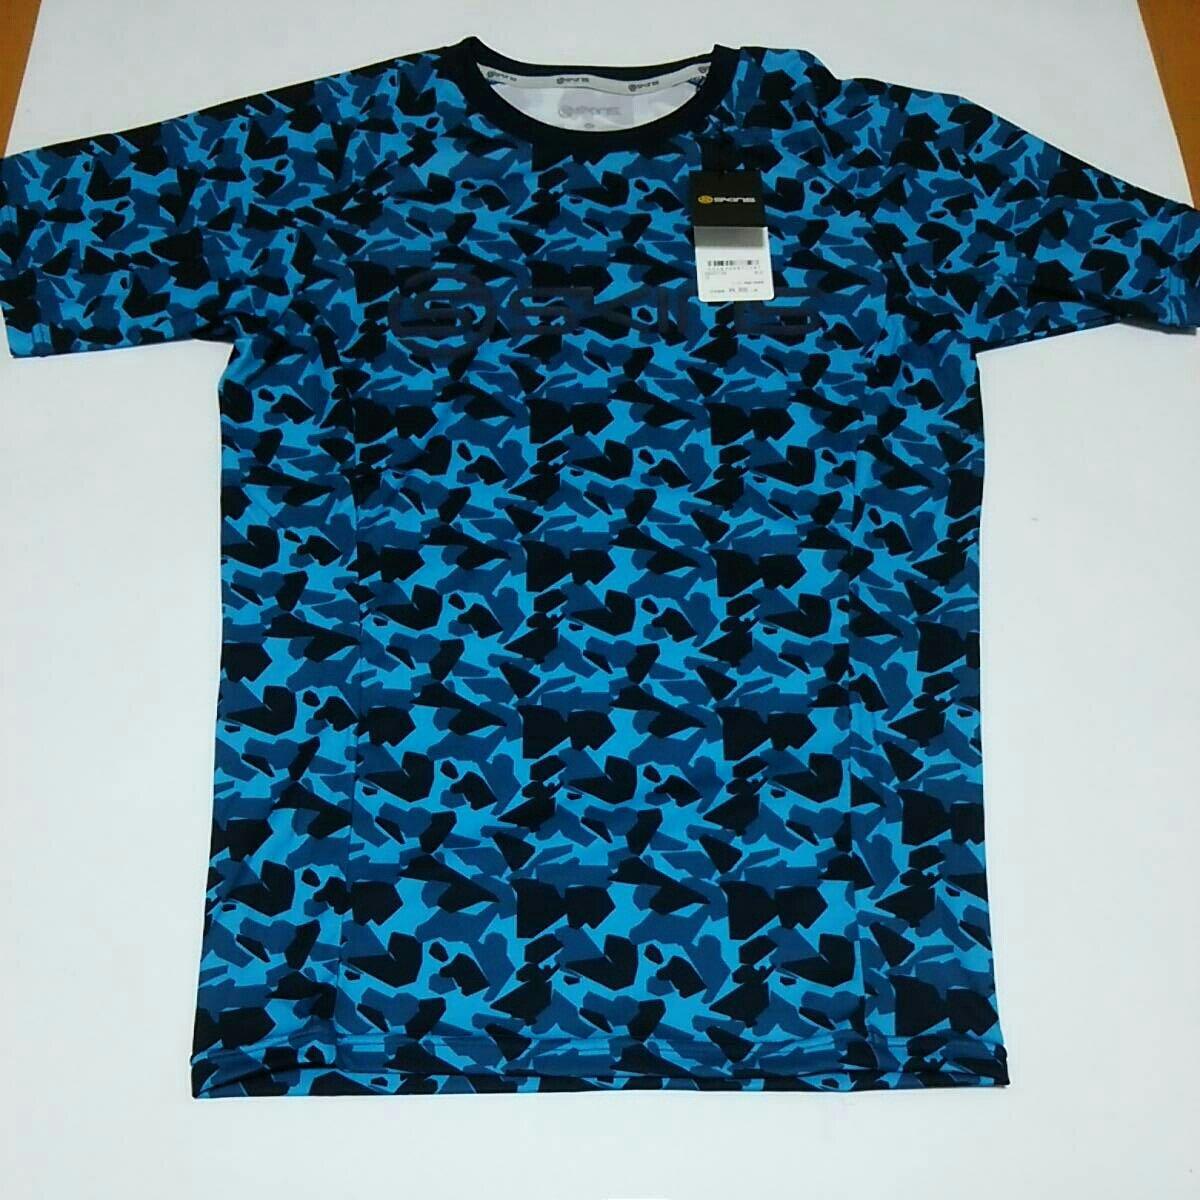 スキンズ限定 SKINS ソフトコンプレッションTシャツ 大谷翔平モデル ブルー サイズXO トレーニング野球ジョギングファッション B07C2N7T7S